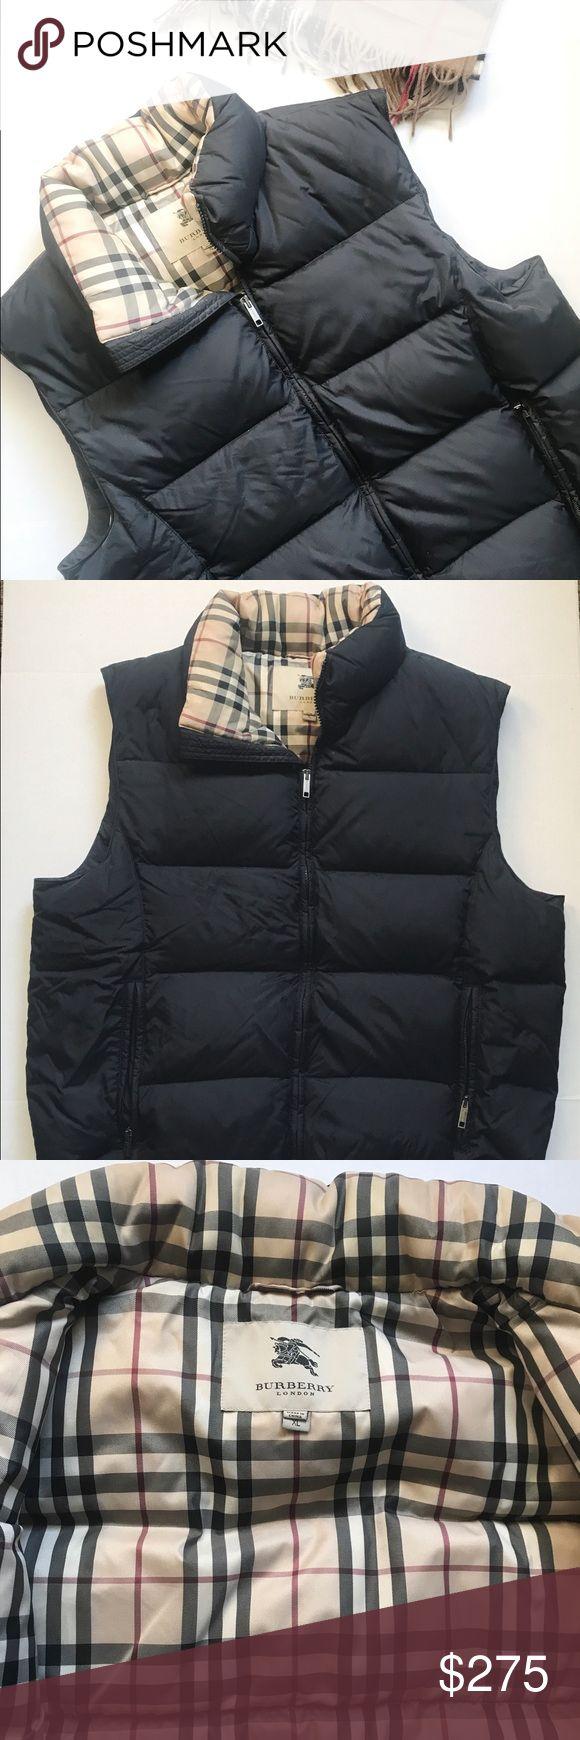 best 25 down vest ideas on pinterest north face vest the north face nuptse 2 down jacket (women's) the north face nuptse 2 vest womens down gilet